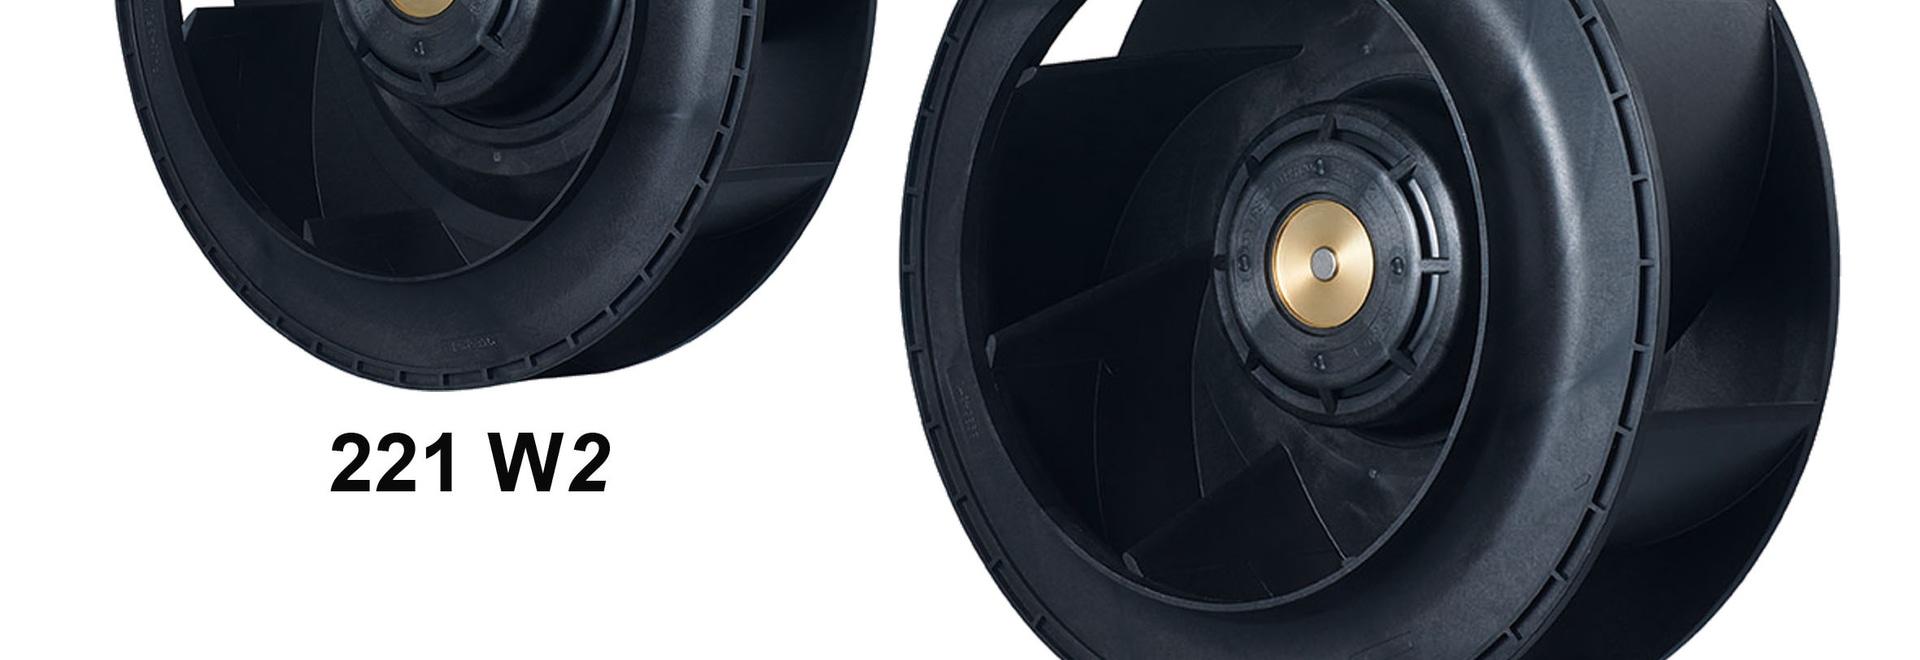 DC Splash Proof Centrifugal Fans - 221x71 - 225x99 - 9W2T